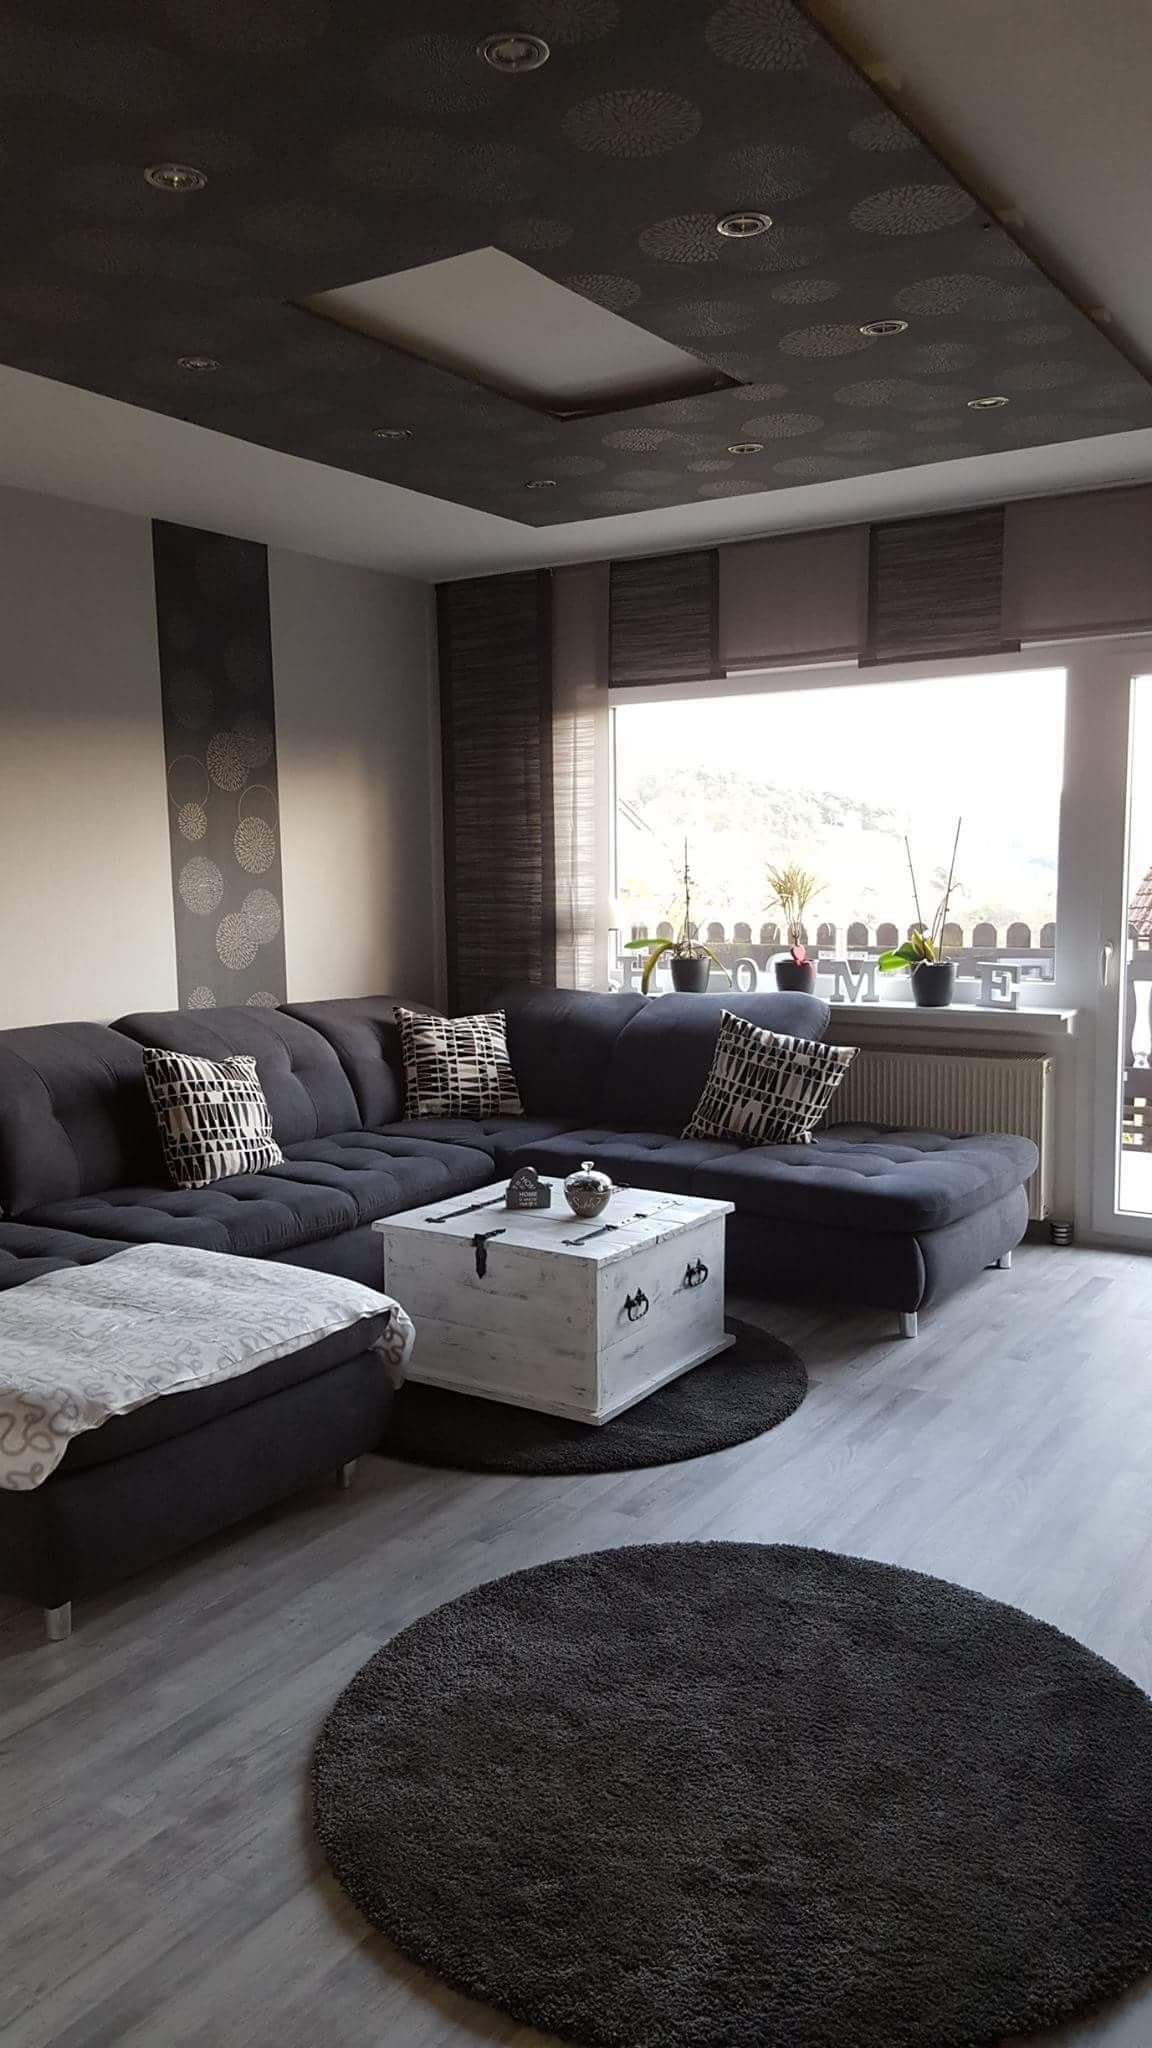 wohnzimmer grau wei living room grey white - Wohnzimmer Grau Wei